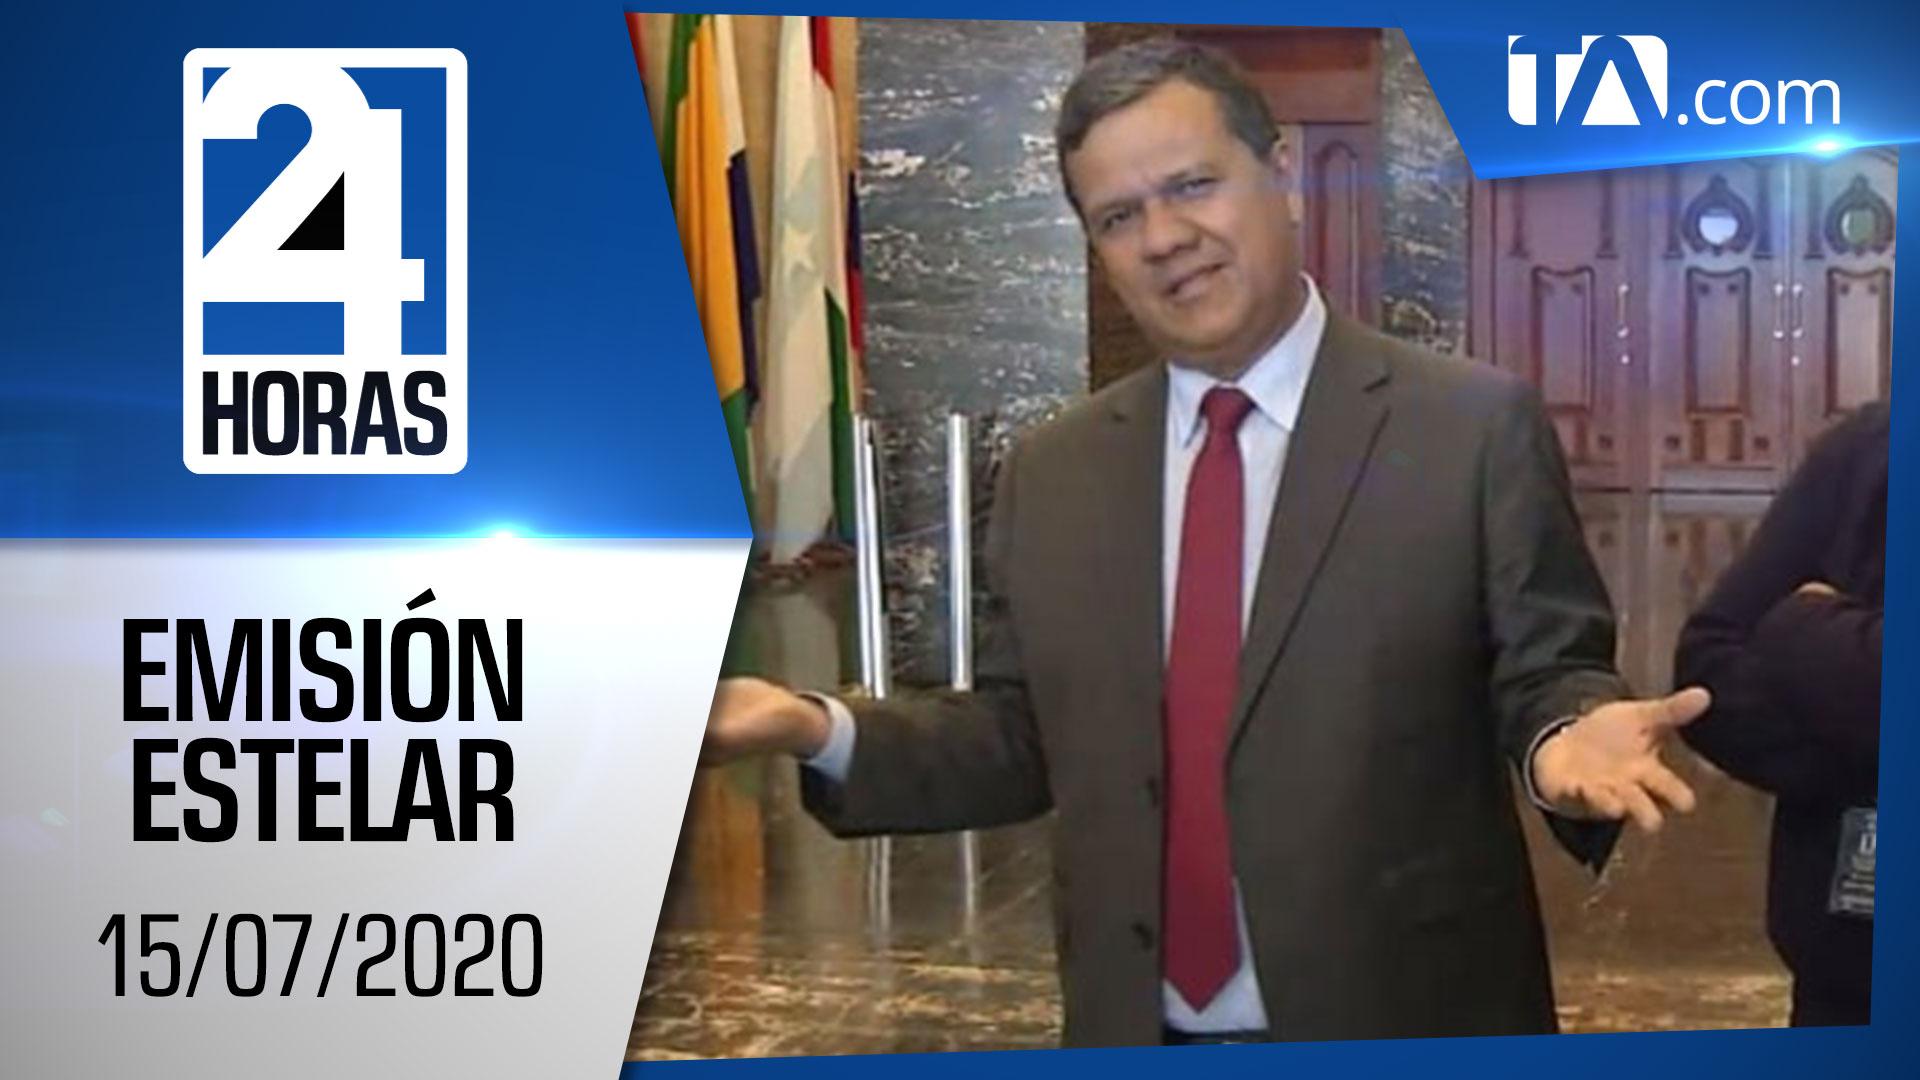 Noticias Ecuador: Noticiero 24 Horas, 15/07/2020 (Emisión Estelar)